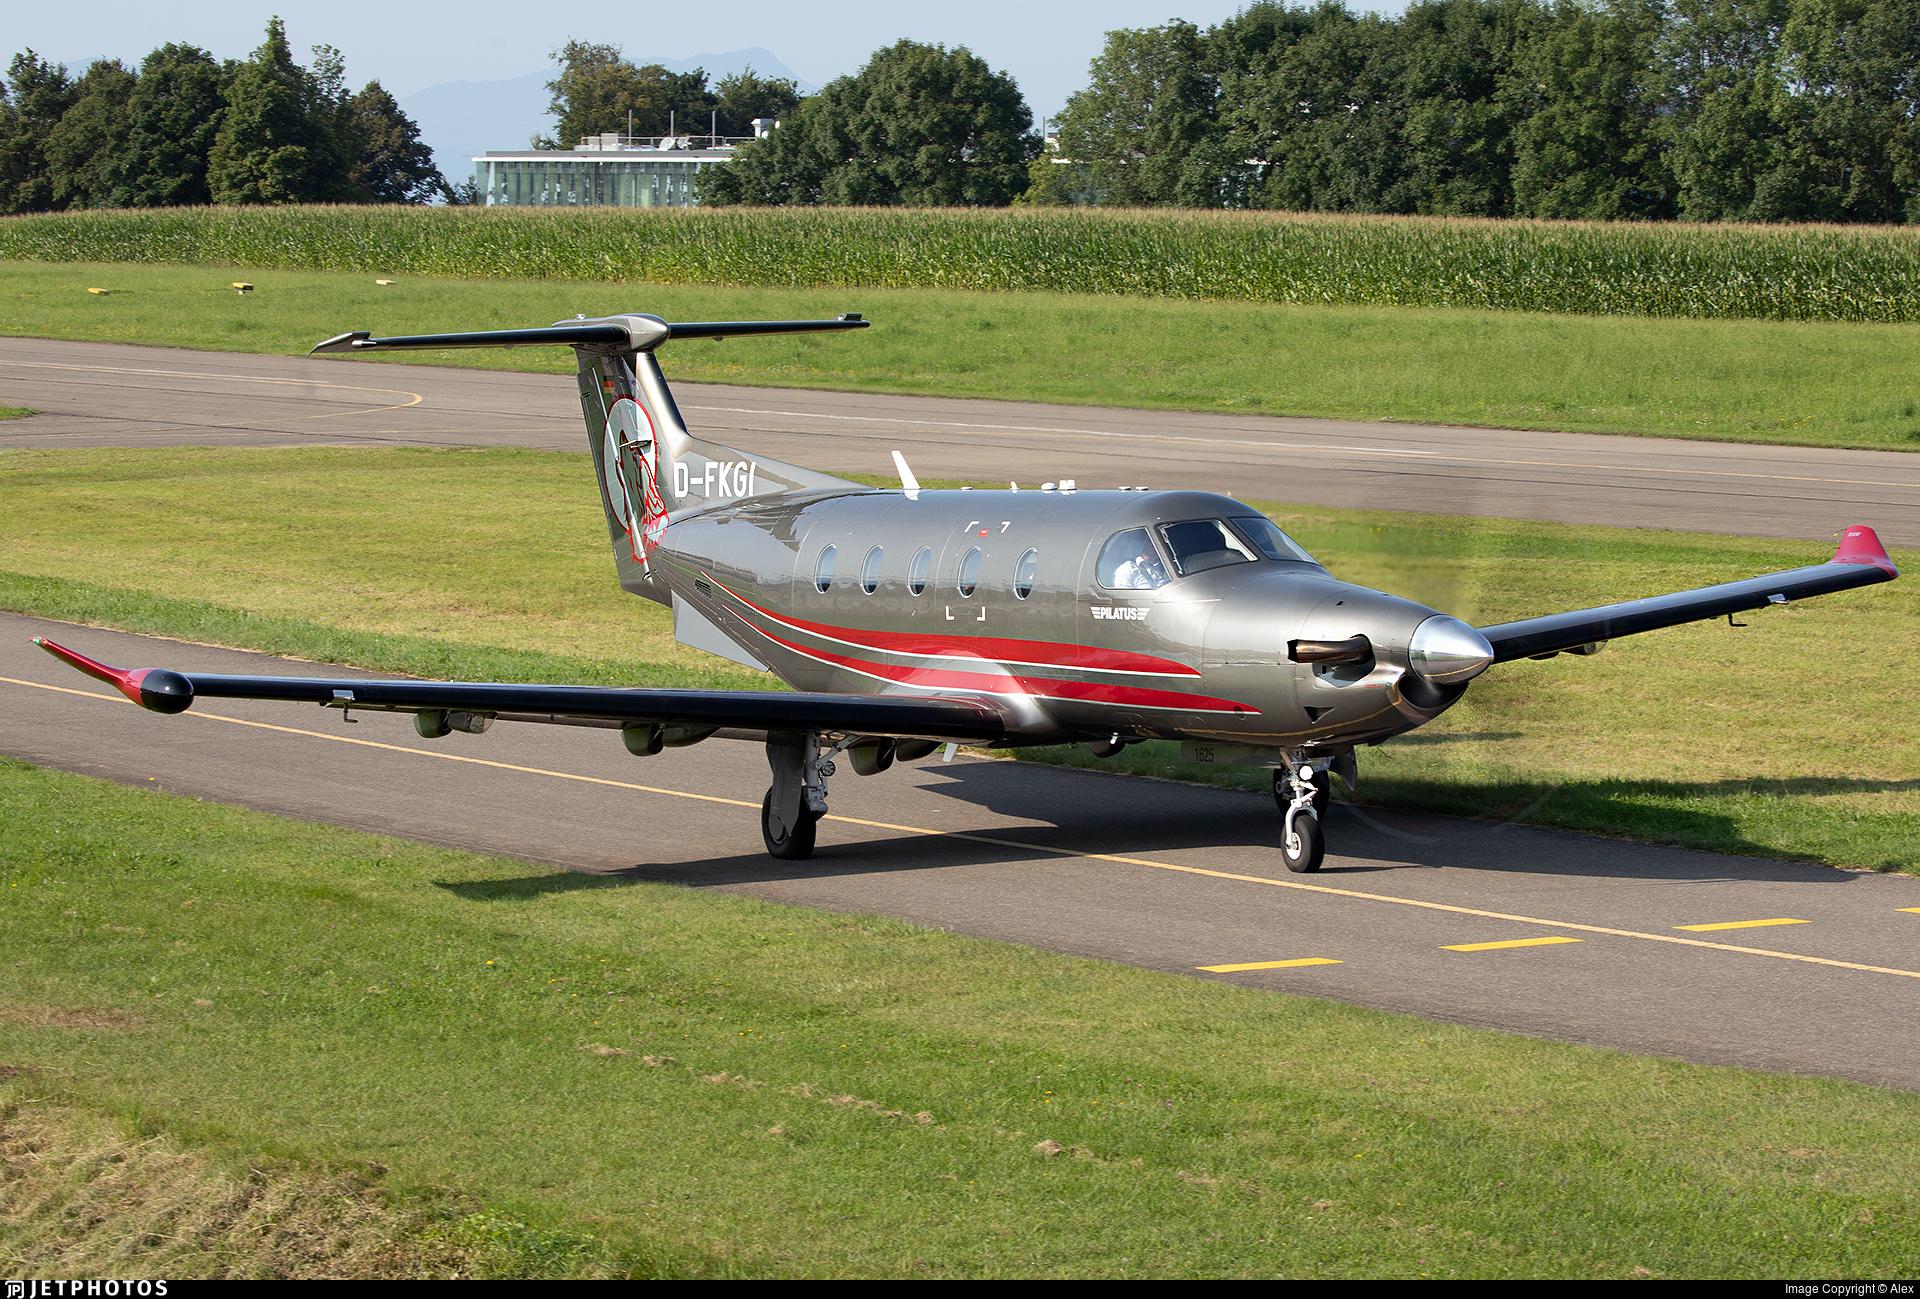 D-FKGI - Pilatus PC-12/47E - Private